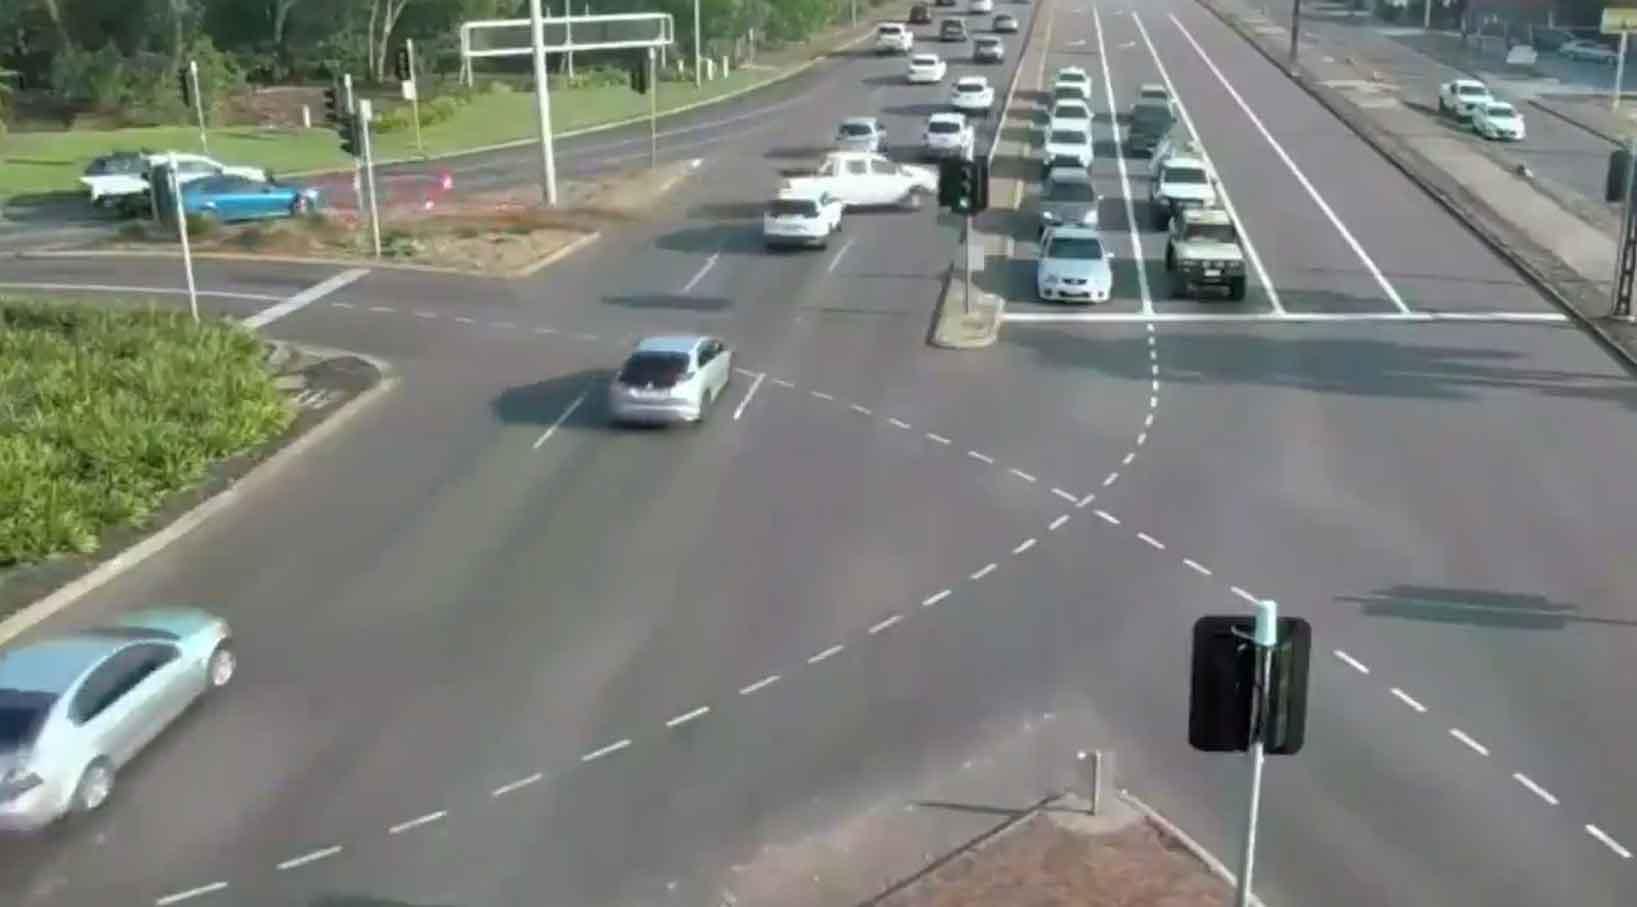 Picape fora de controle atravessa nove pistas em rodovia cheia de carros; veja o vídeo. Foto: Reprodução Twitter